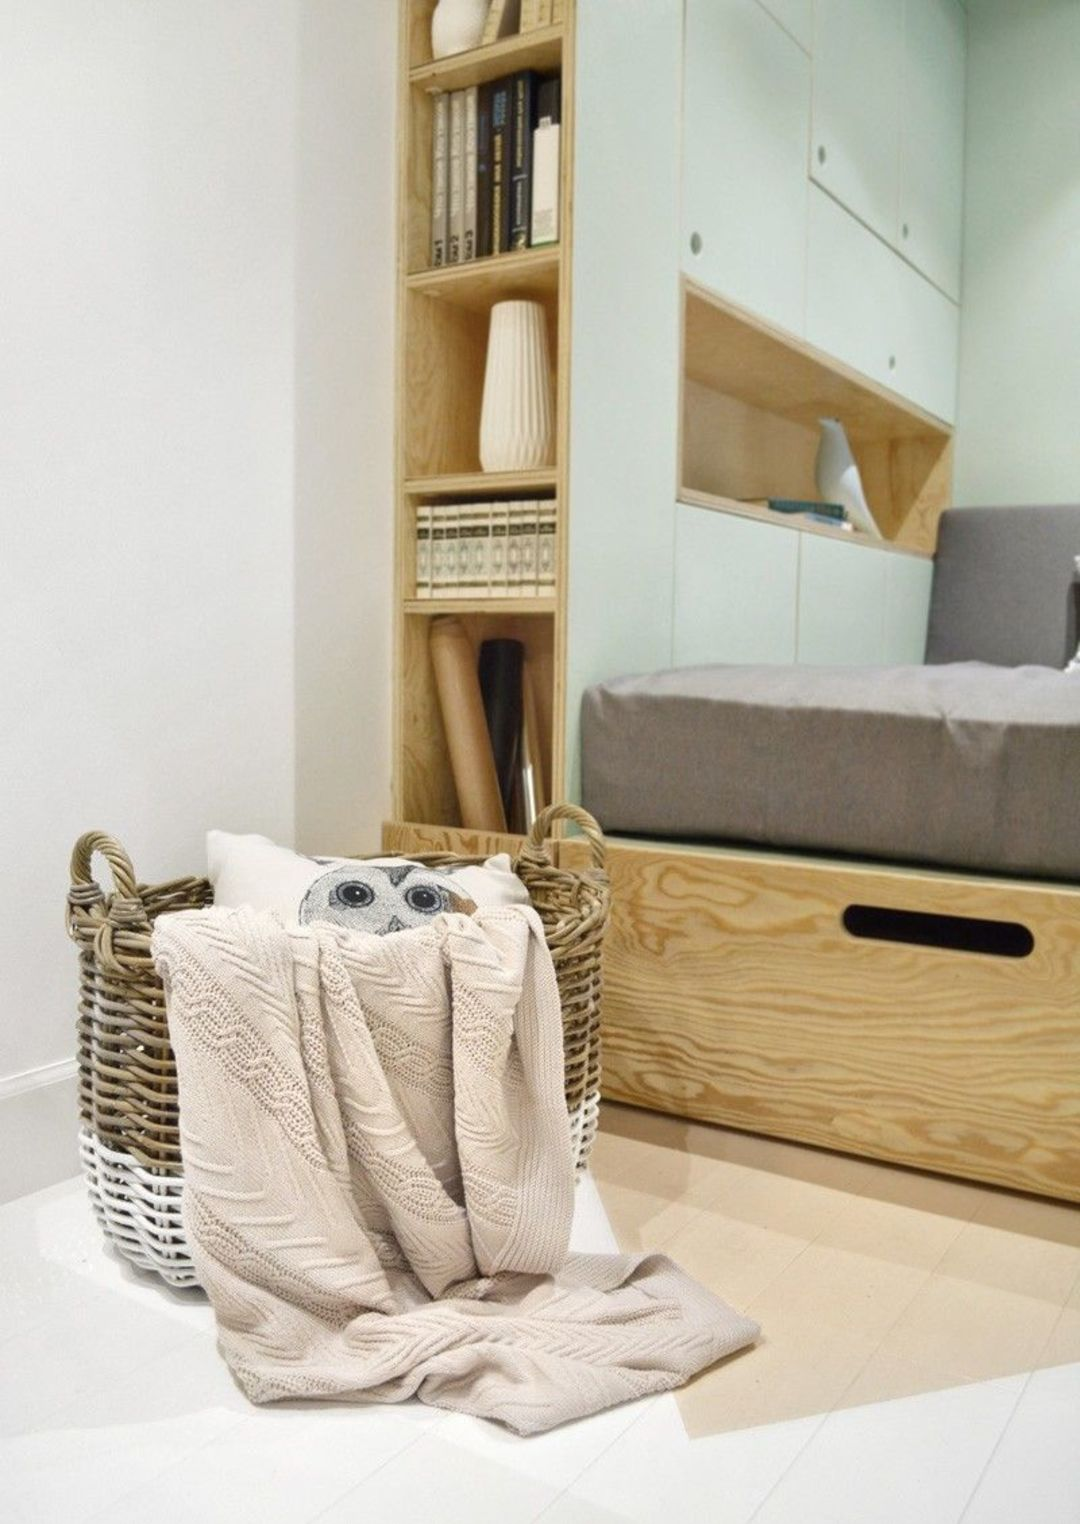 为14岁女孩设计的极简房间,或许也能给你一点收纳灵感_设计_好奇心日报